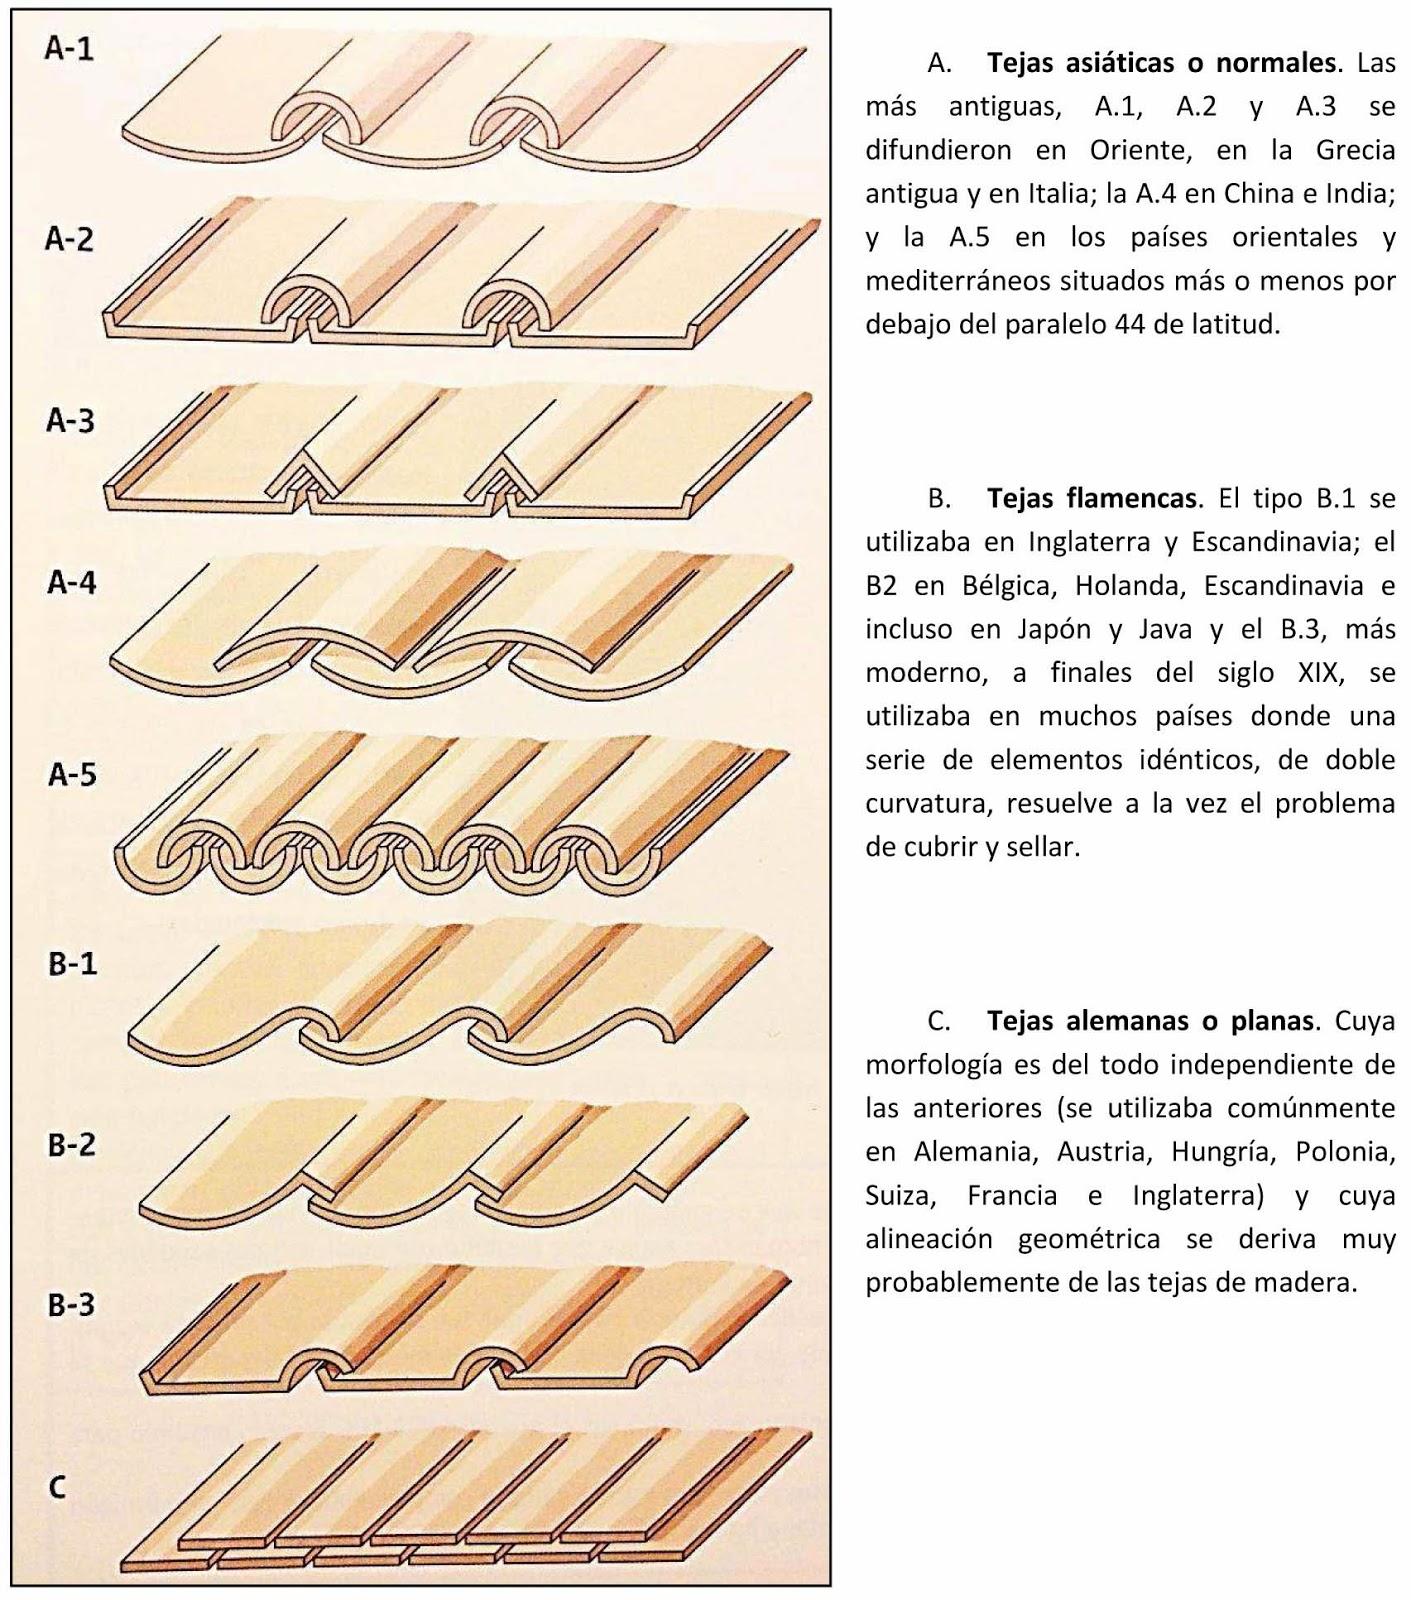 Apuntes tejas no solo barro cocido 2 - Tipos de tejados ...